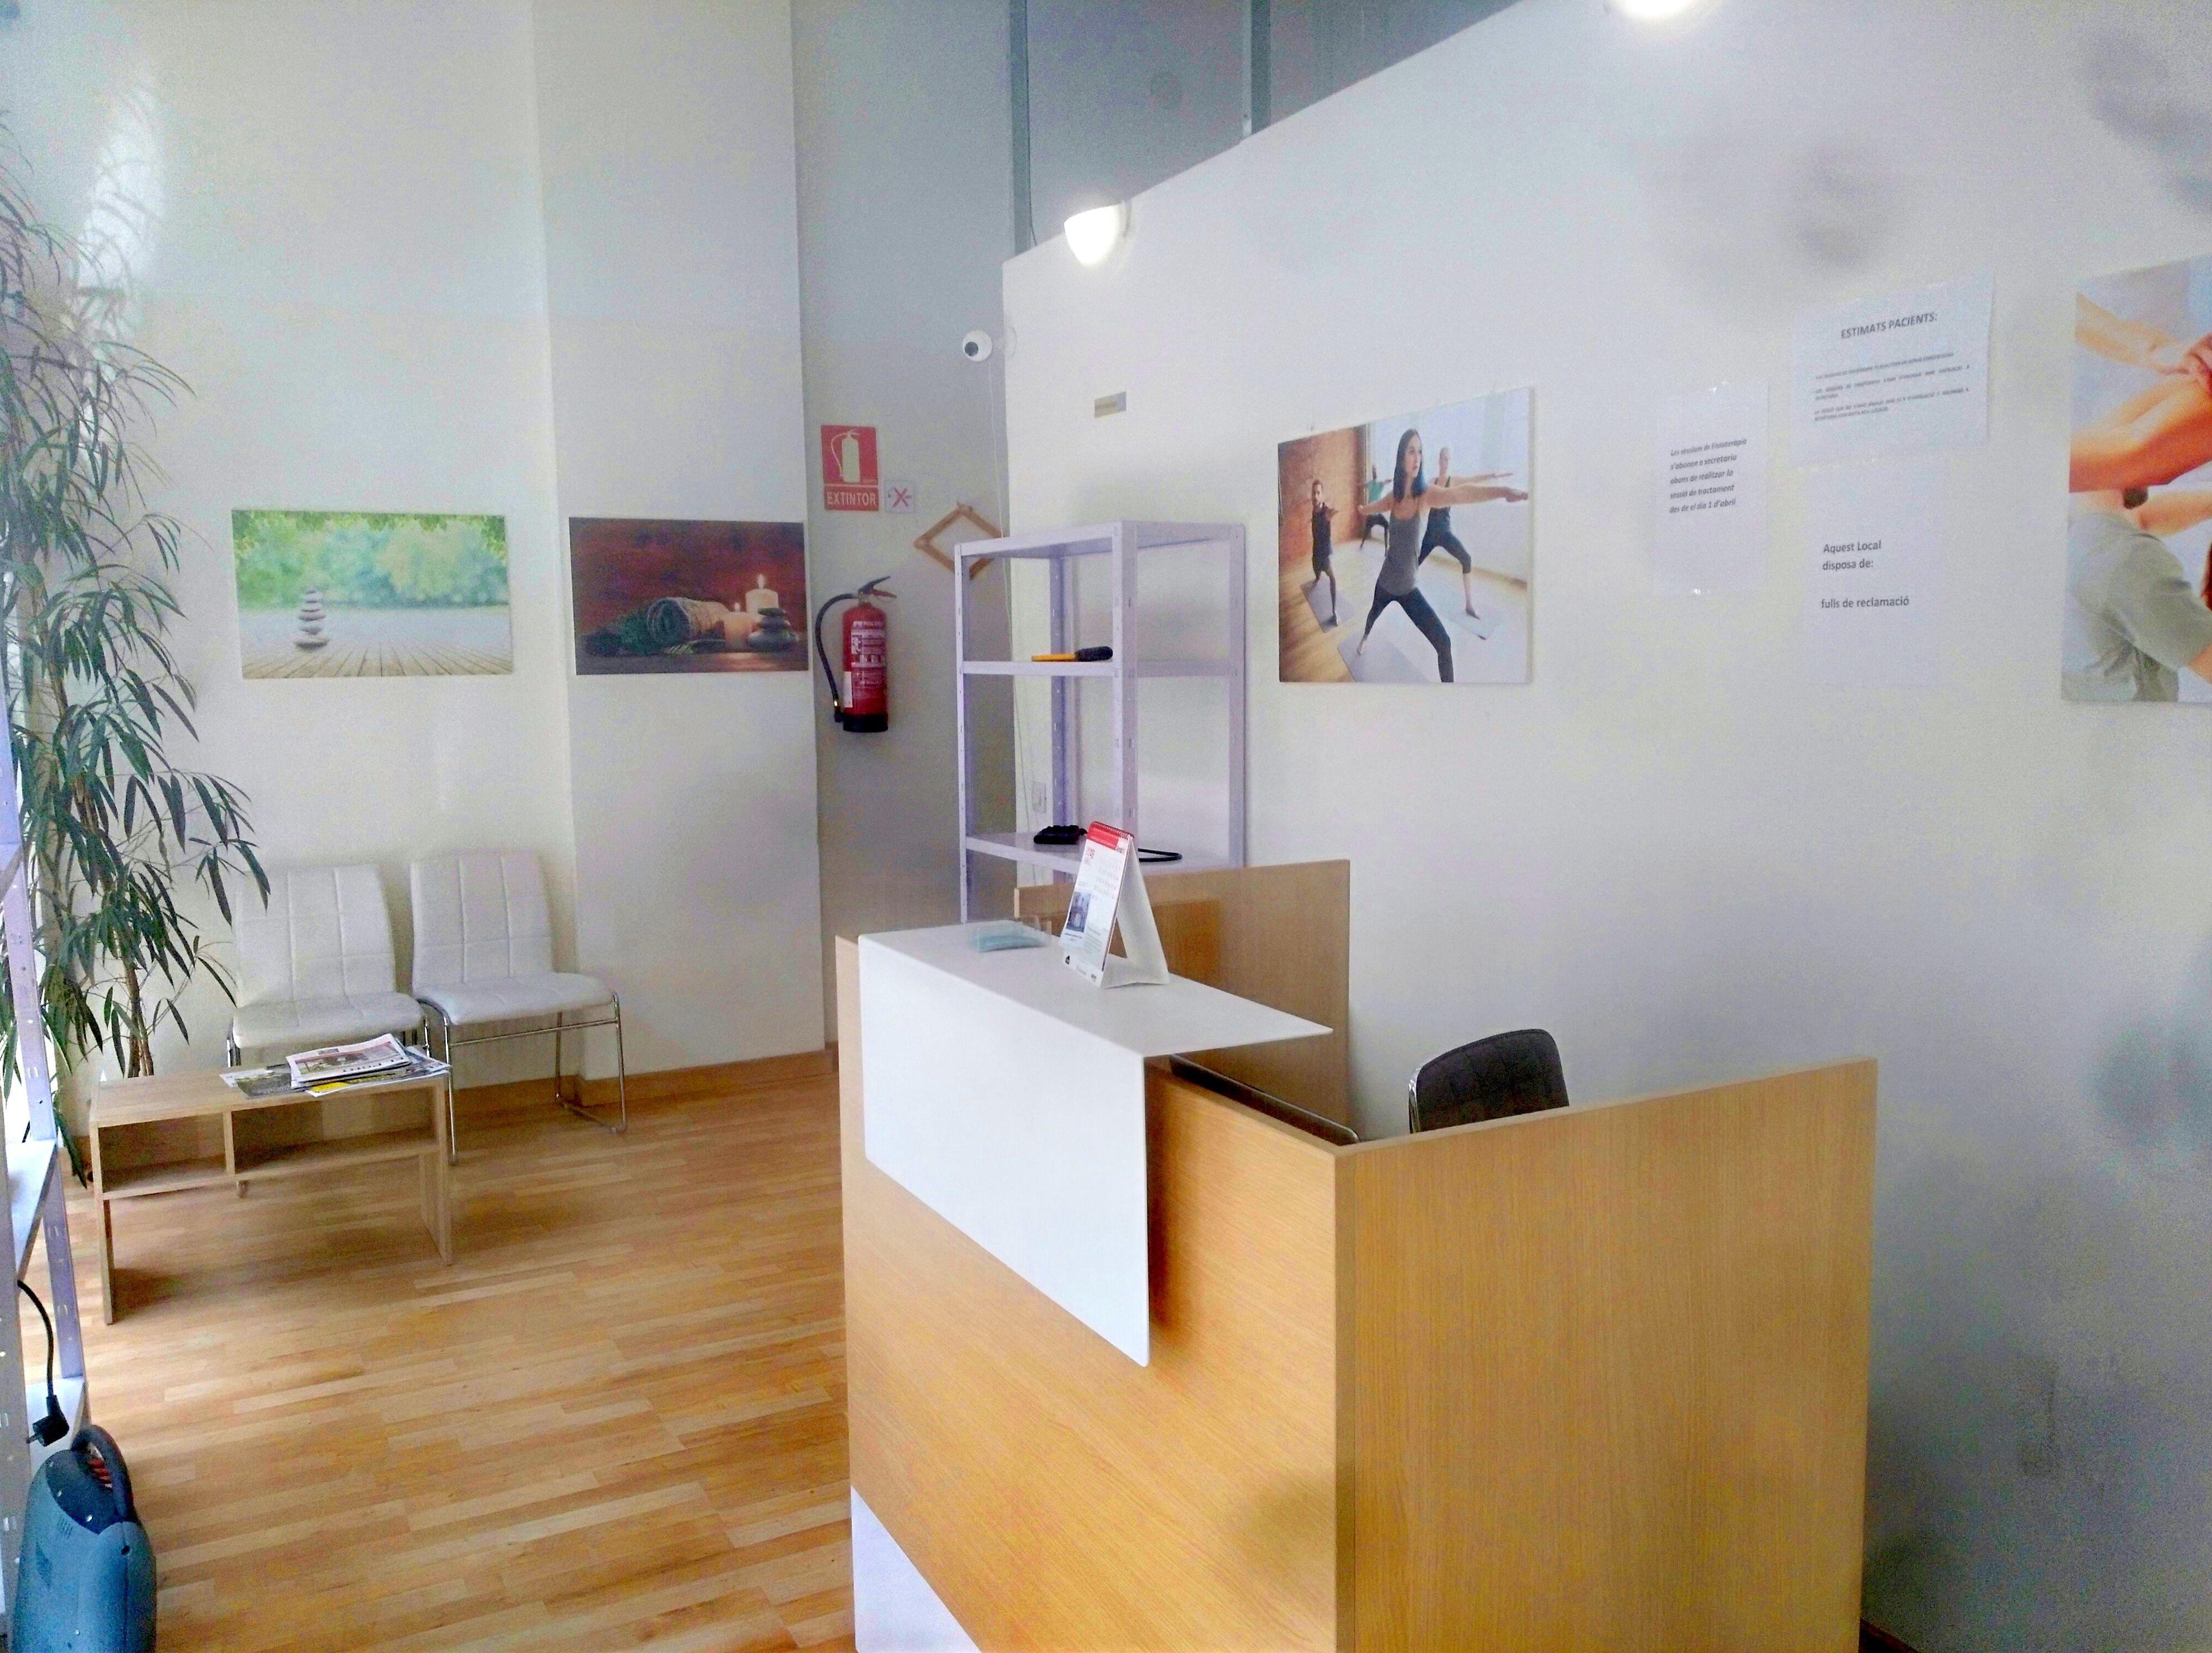 Foto 2 de Fisioterapia en Esplugues de Llobregat | Racó Vital